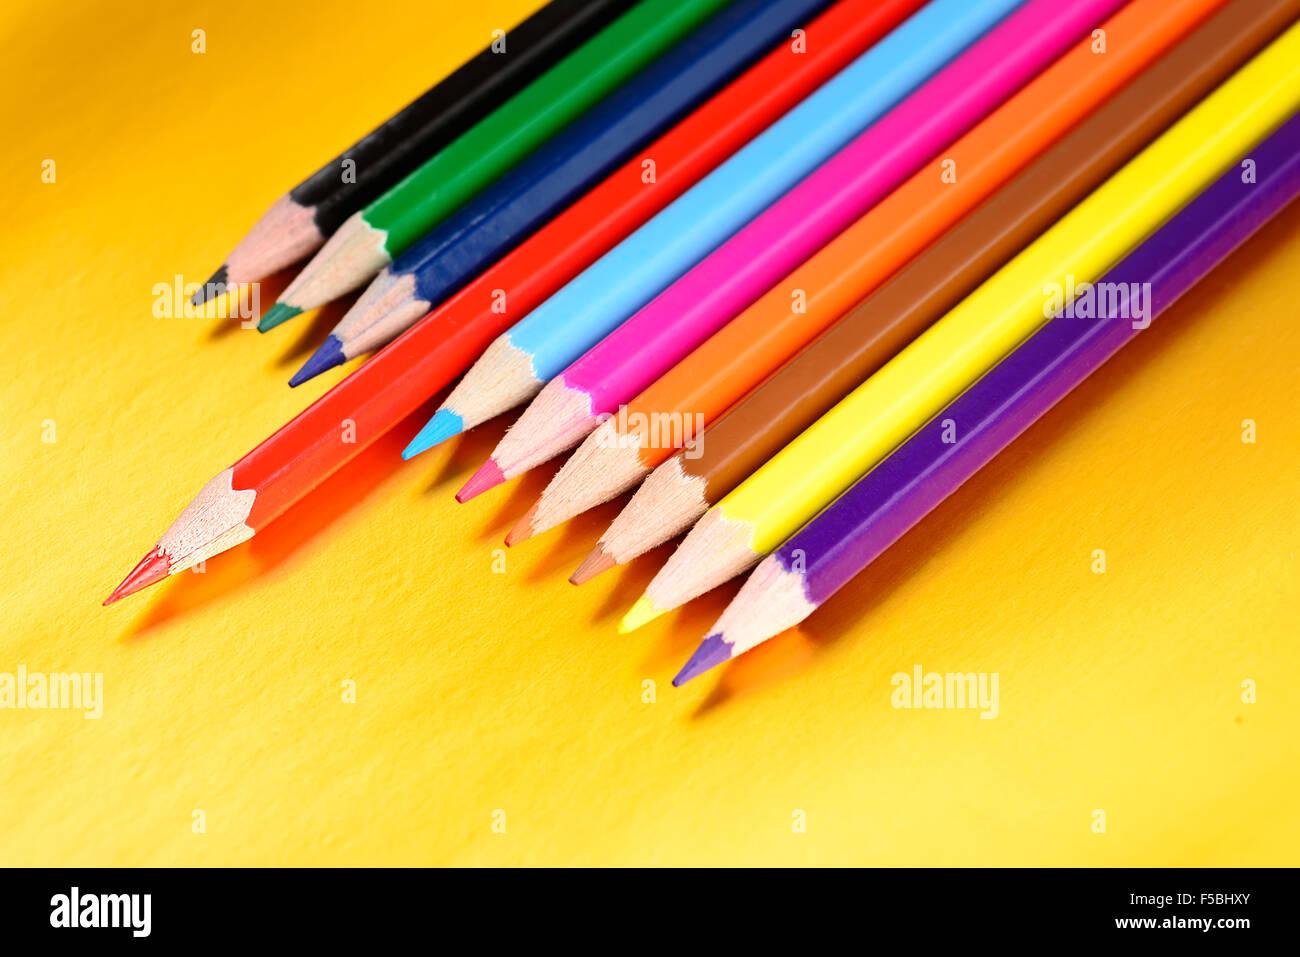 Buntstifte mit unterschiedlicher Farbe auf goldenem Hintergrund Stockbild